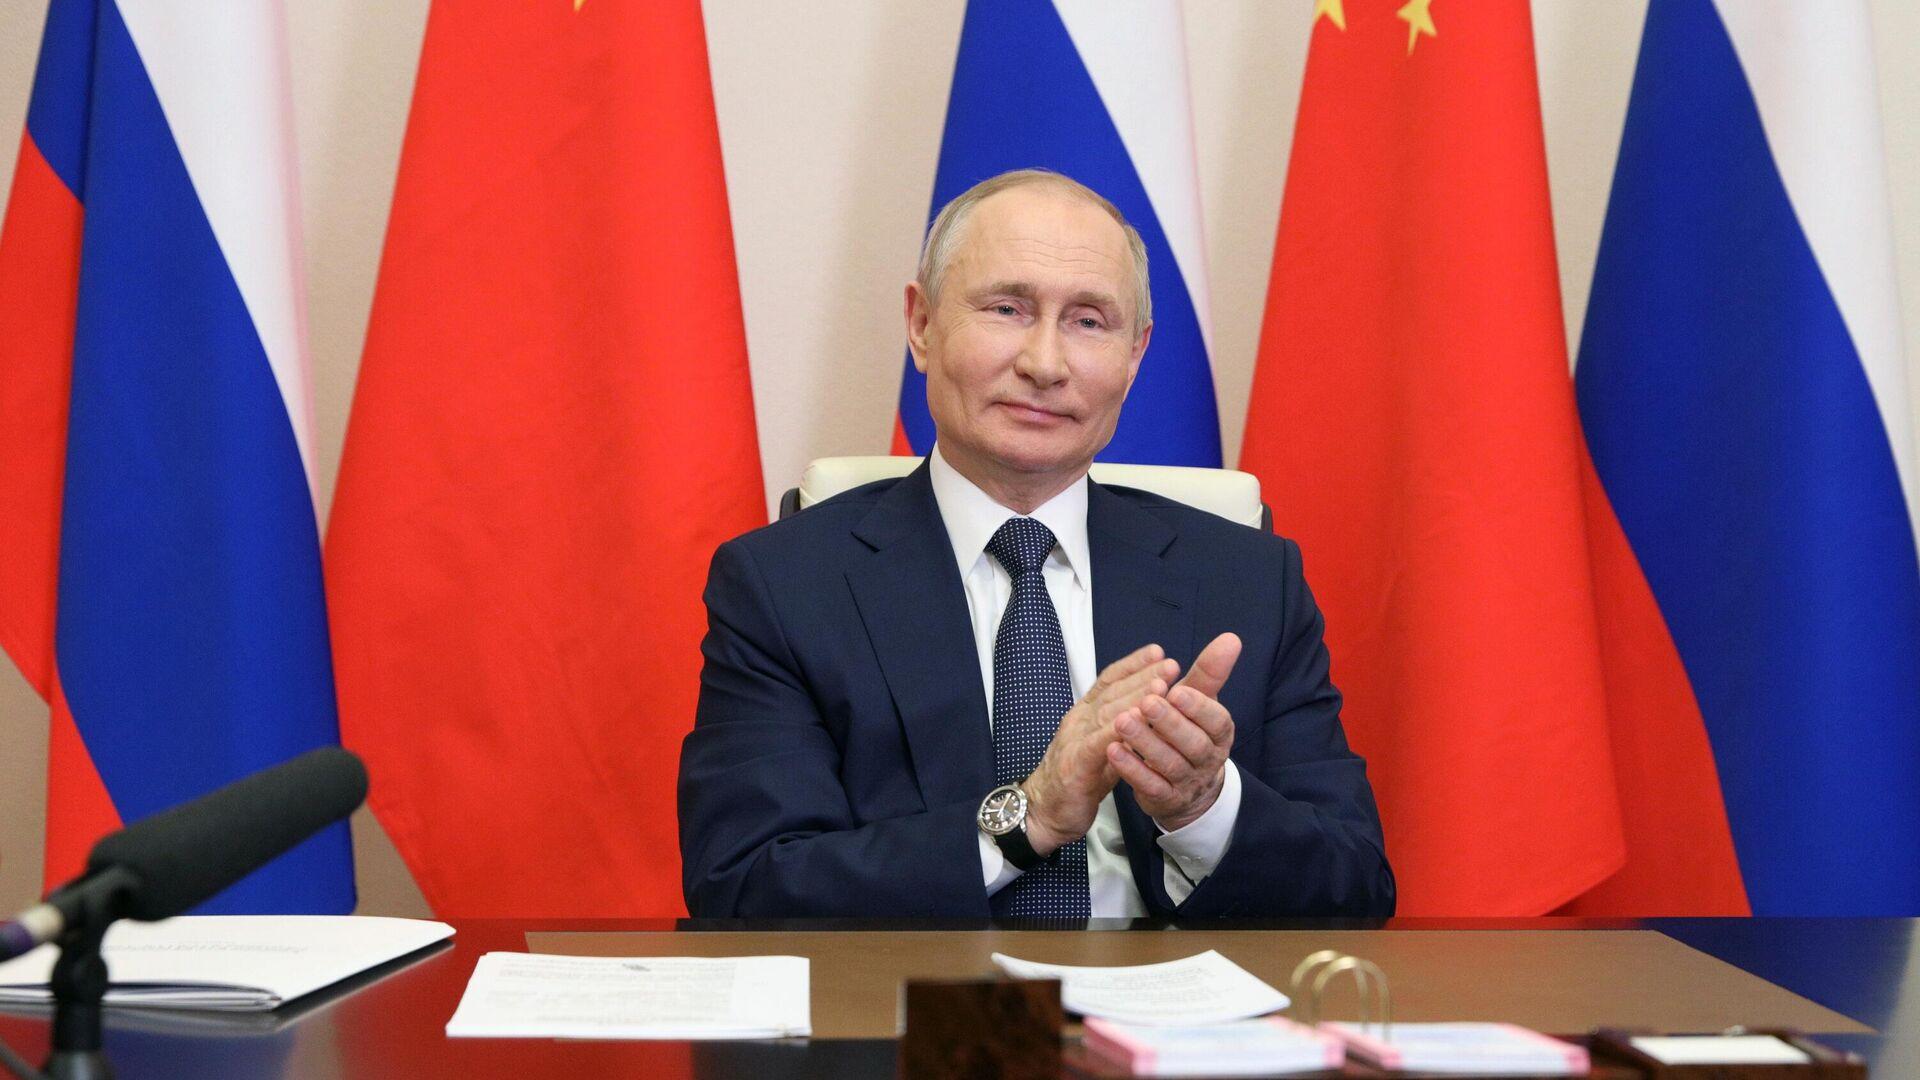 Президент РФ Владимир Путин принимает участие по видеосвязи в церемонии начала строительства энергоблоков №7 и №8 Тяньваньской АЭС и энергоблоков №3 и №4 АЭС Сюйдапу в Китае - РИА Новости, 1920, 03.06.2021